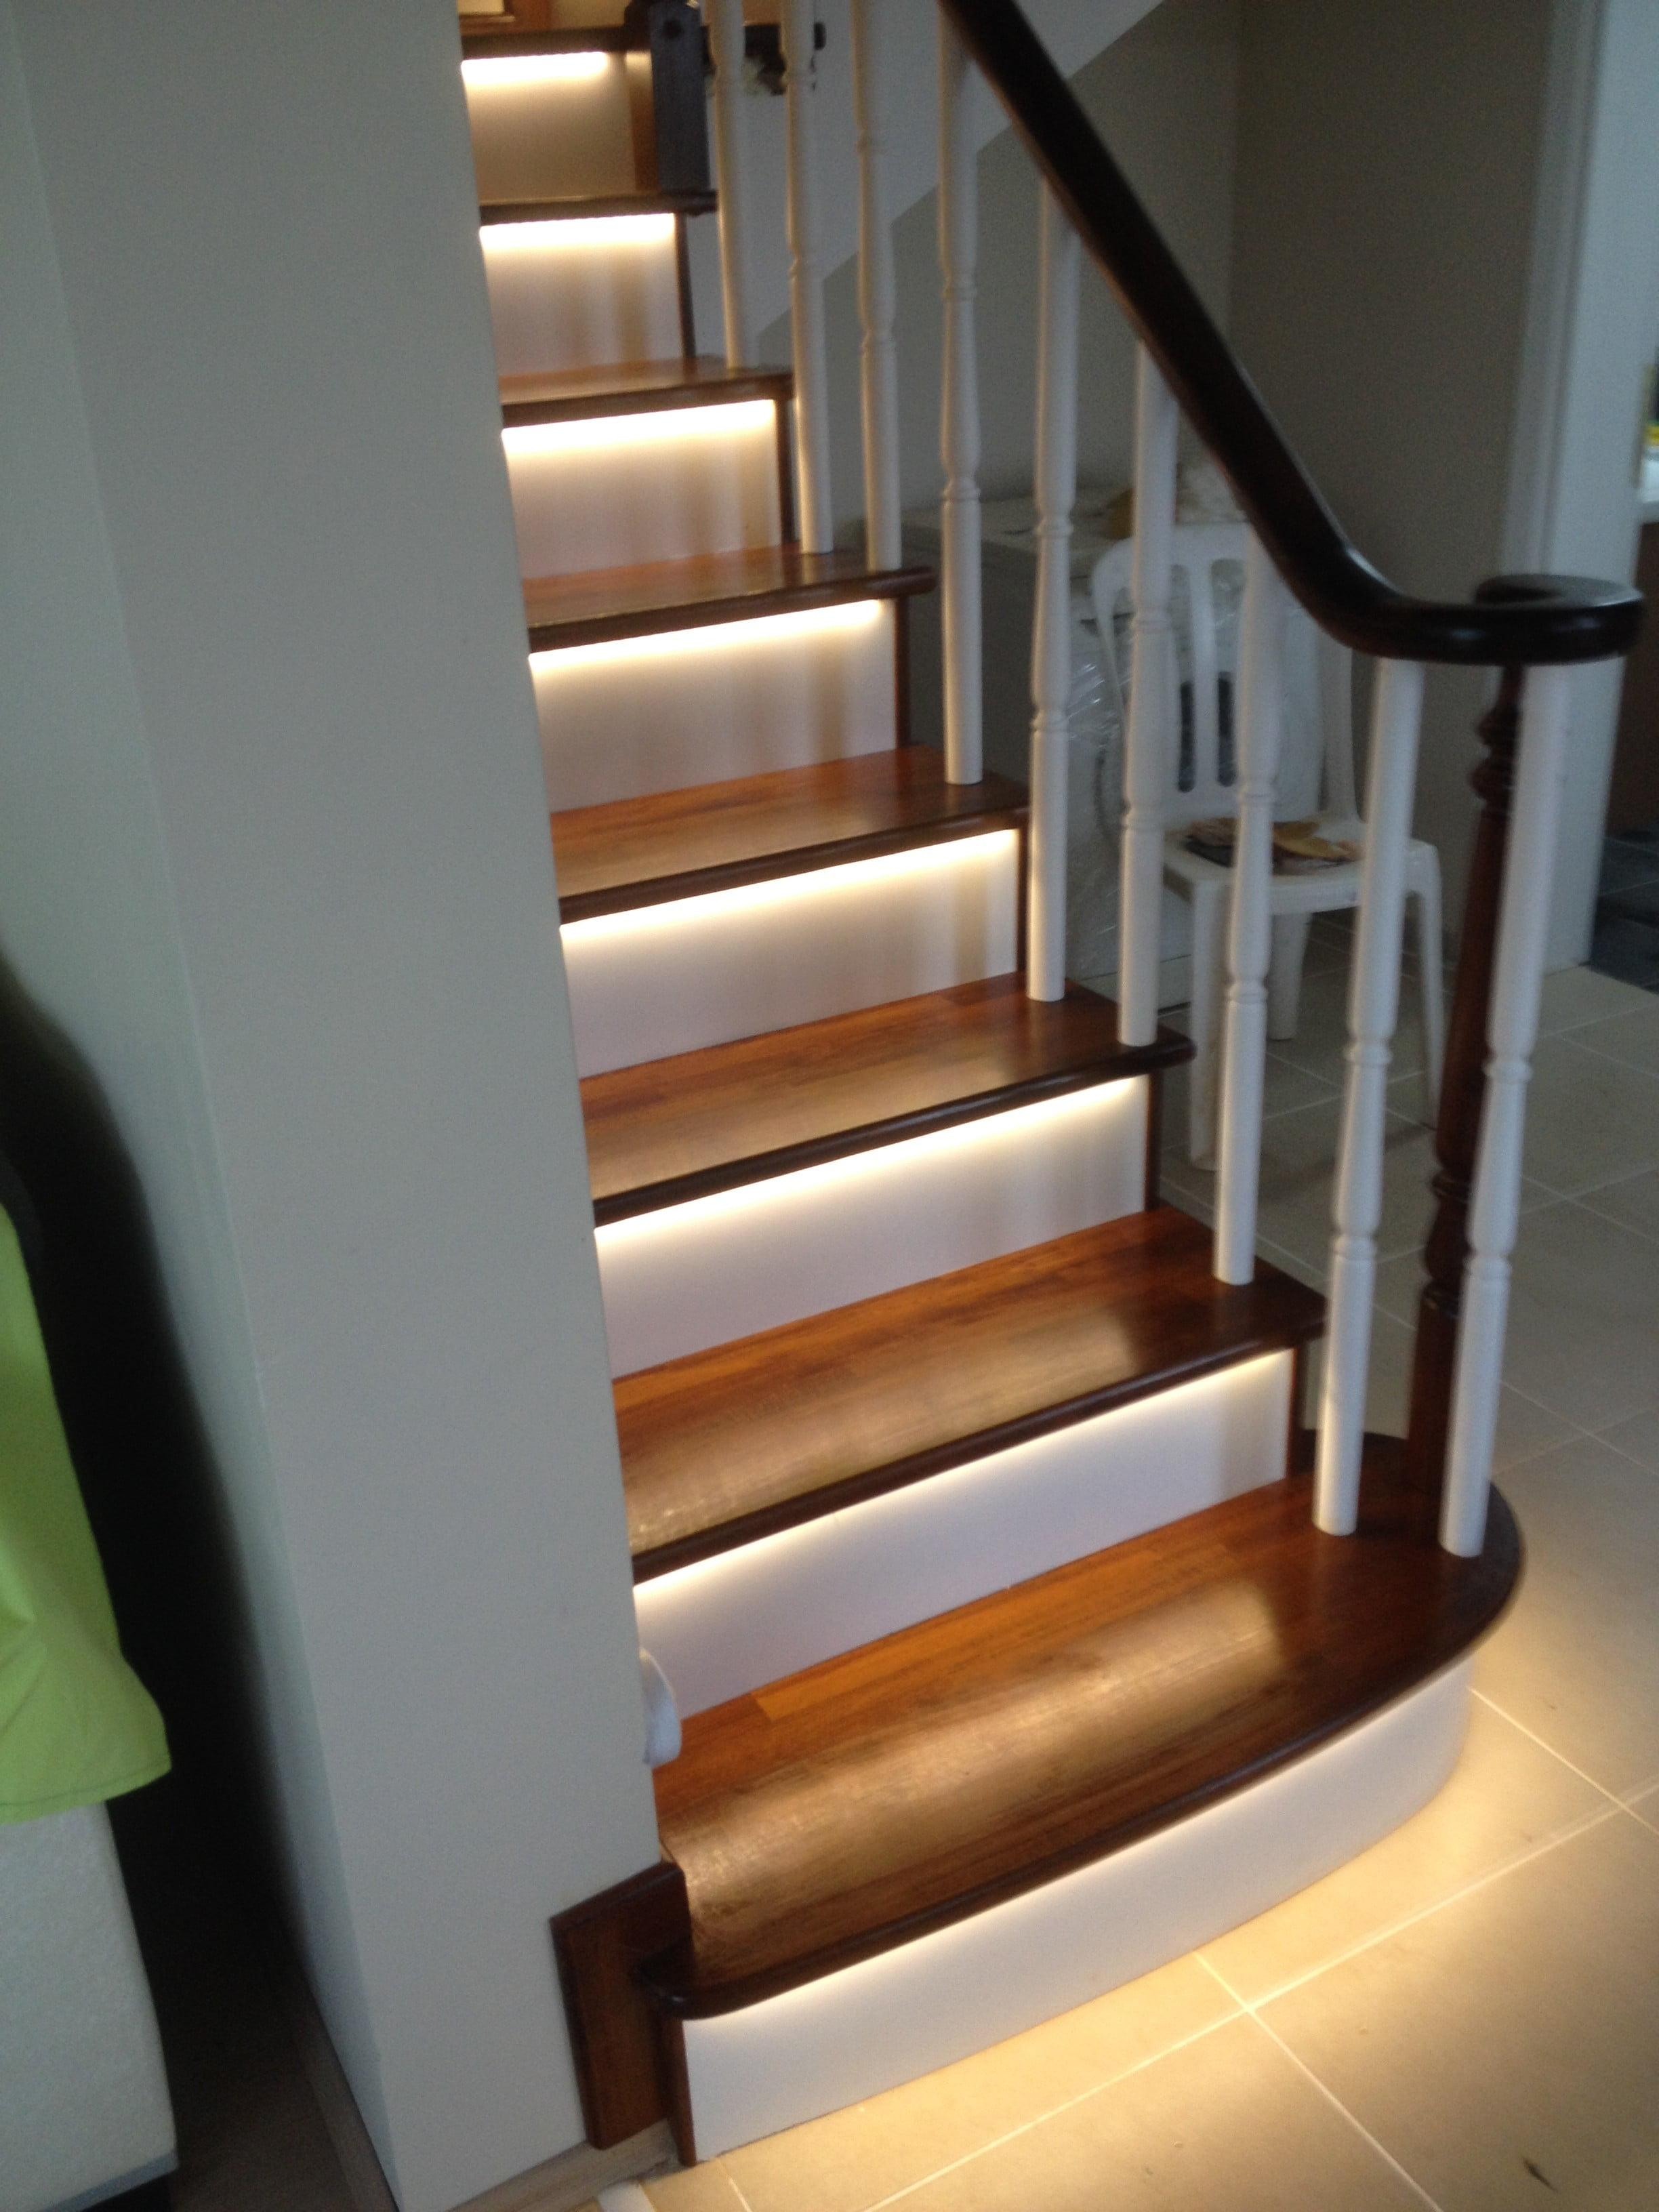 ledli merdiven